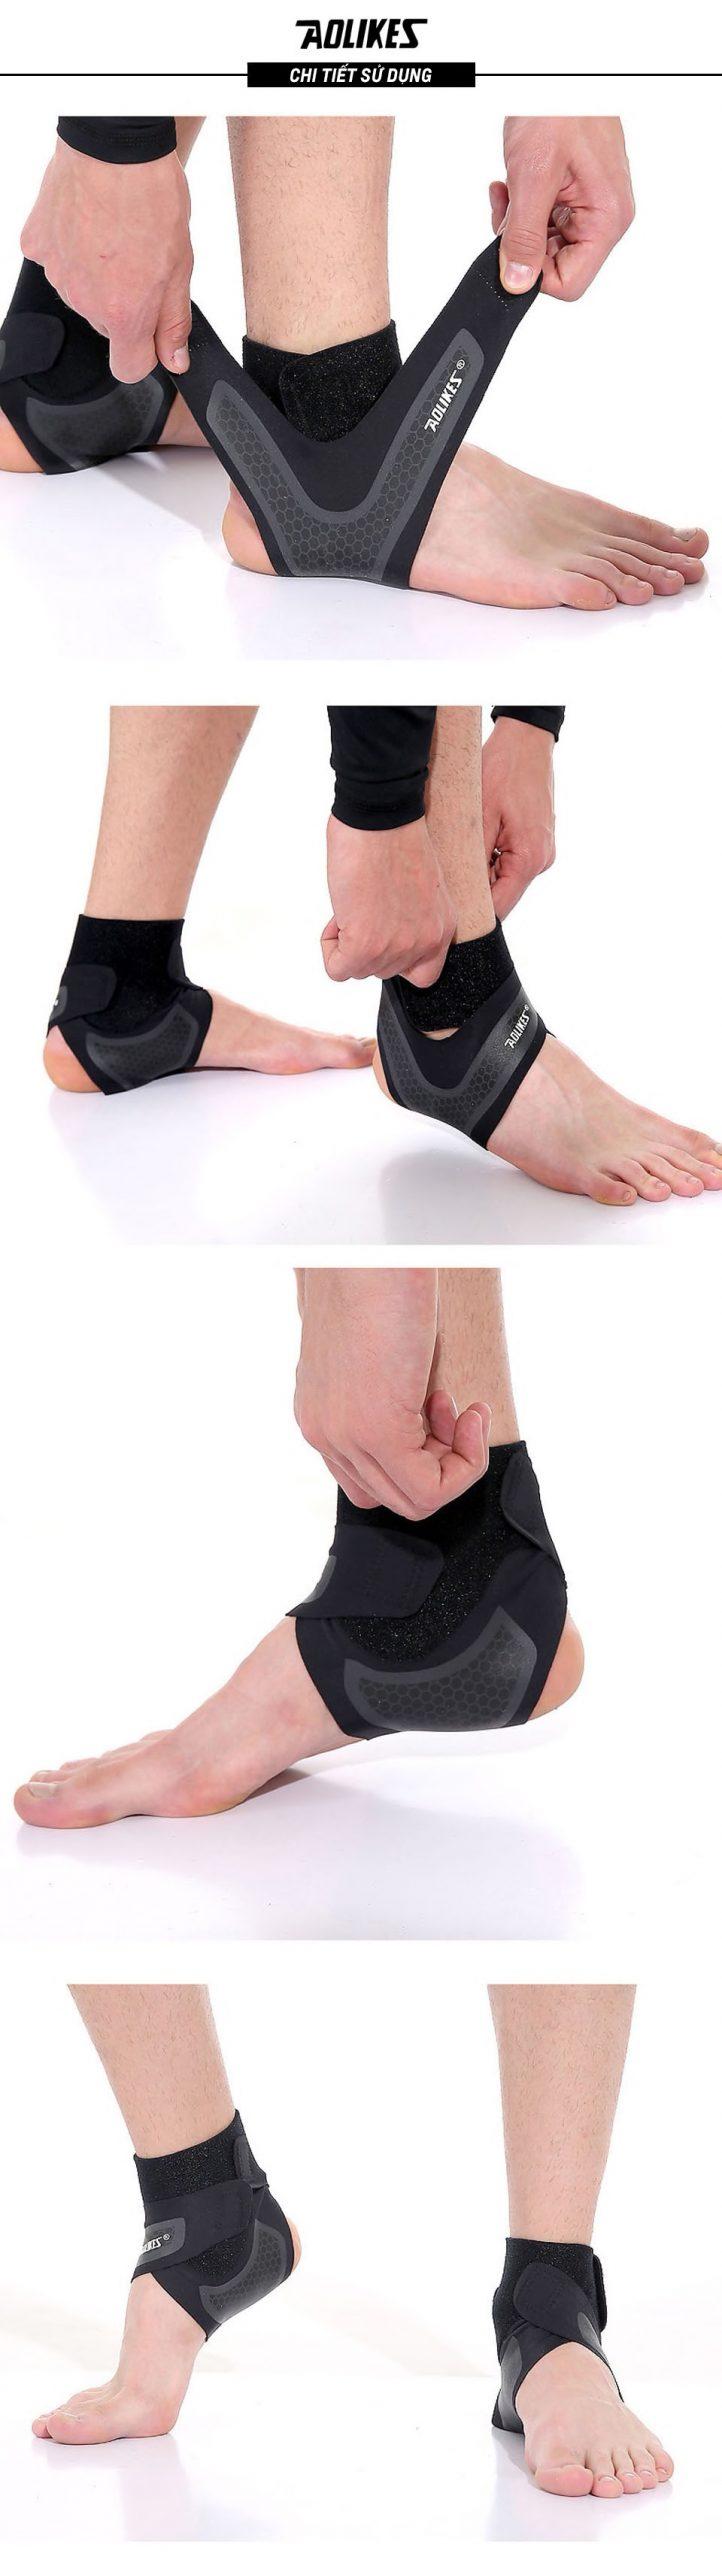 Các bước để đeo băng cuốn bảo vệ mắt cá chân Aolikes